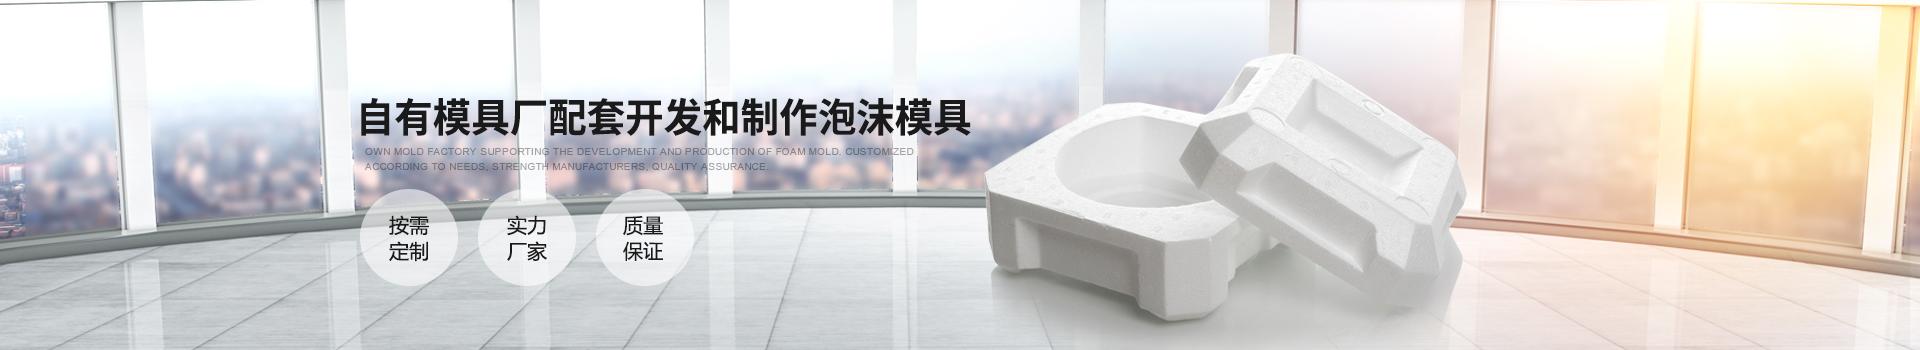 昊瑞包装自由模具厂配套开发和制作泡沫模具